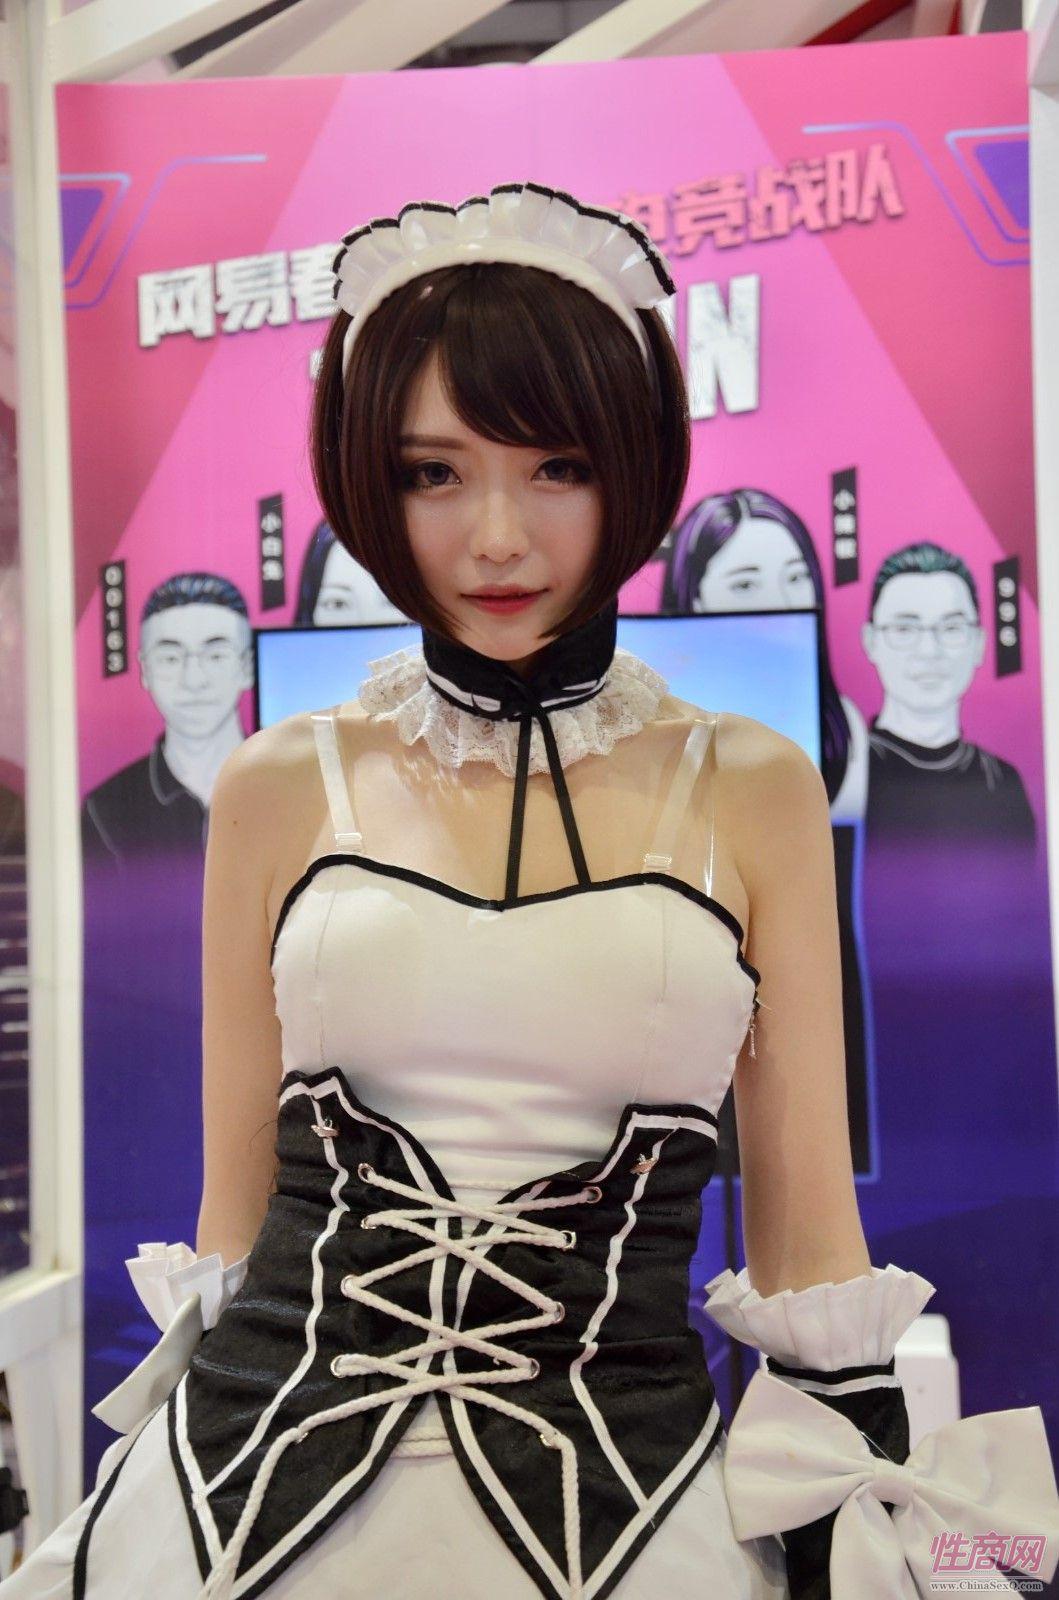 模特身着女仆装